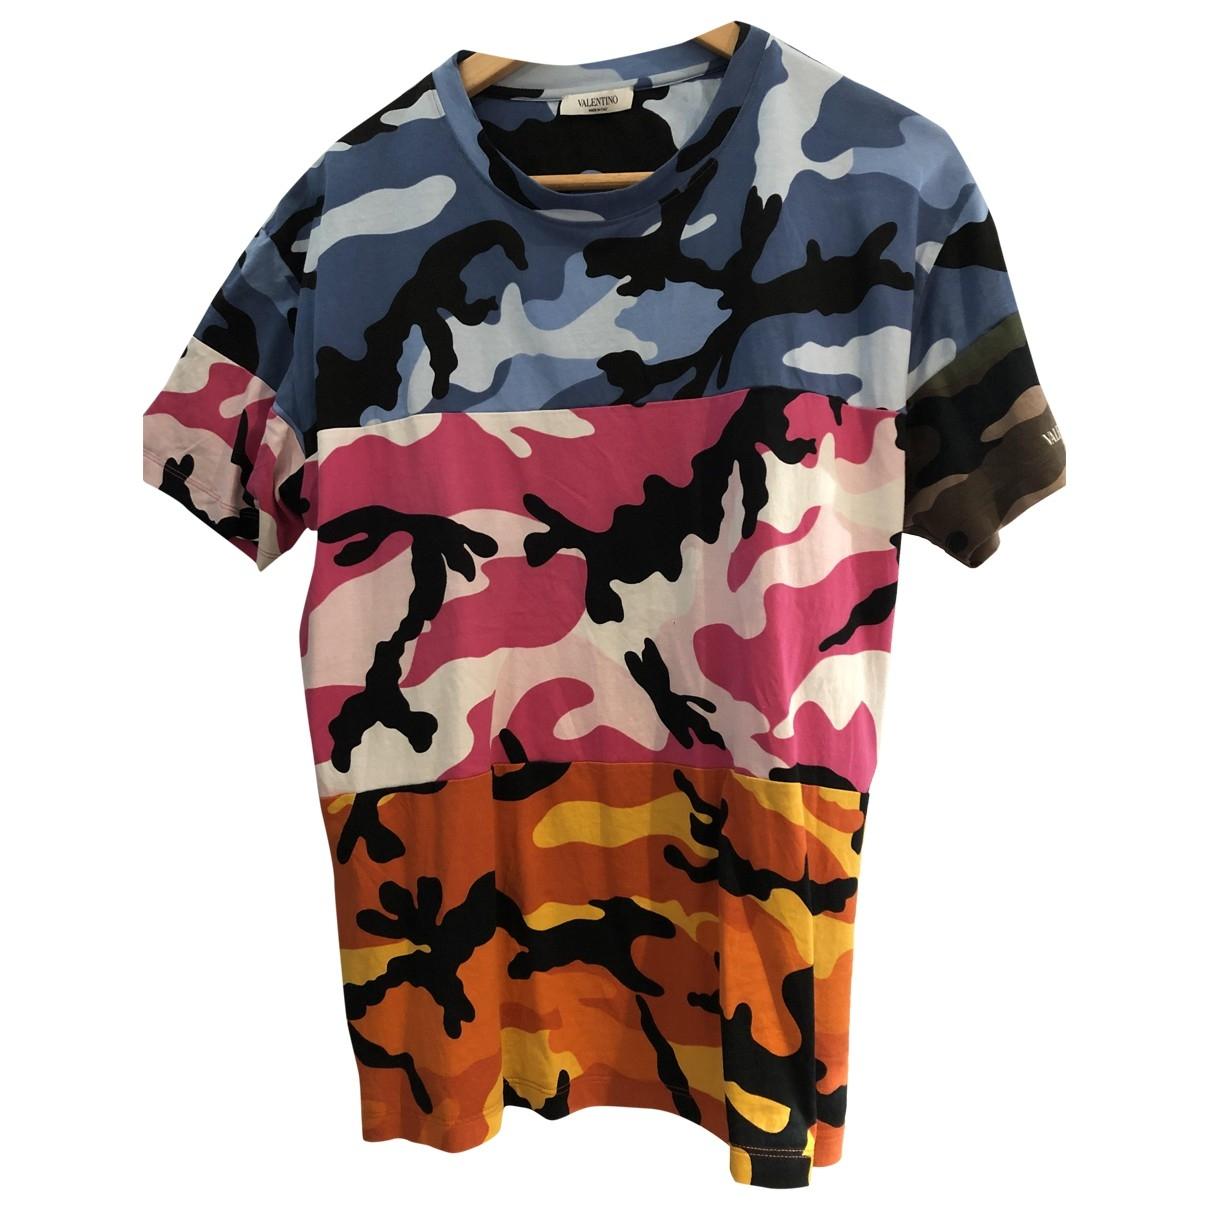 Valentino Garavani - Tee shirts   pour homme en coton - multicolore